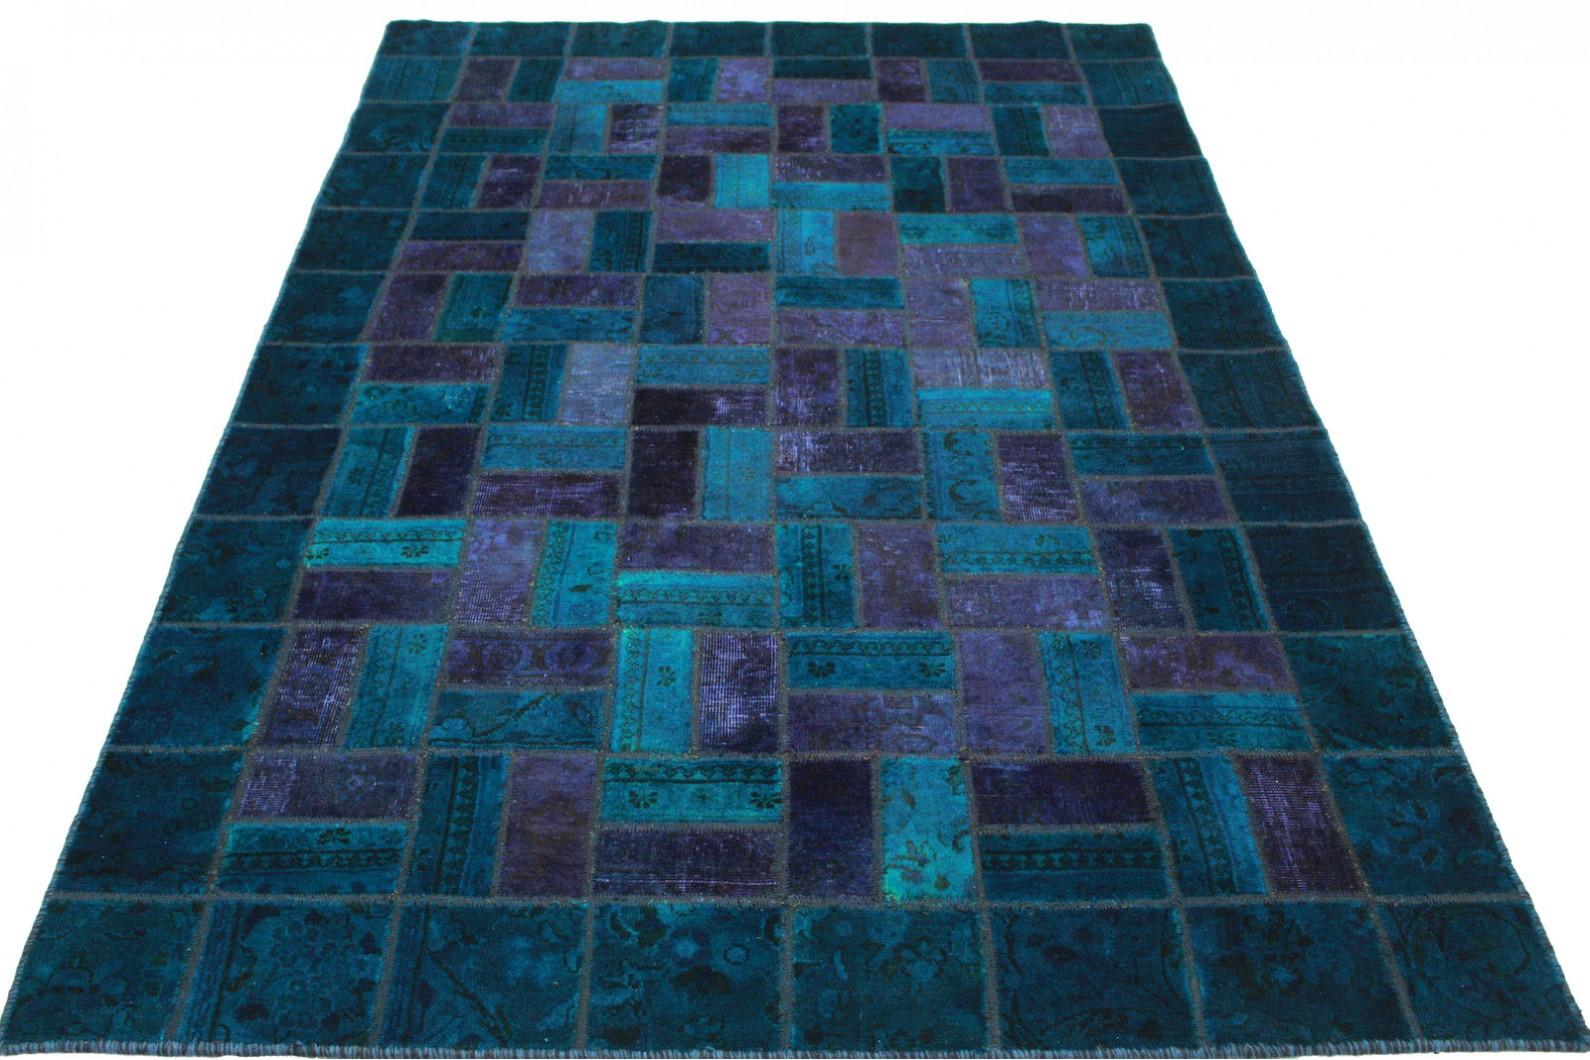 patchwork teppich blau violett in 240x160cm 1001 2551 bei kaufen. Black Bedroom Furniture Sets. Home Design Ideas